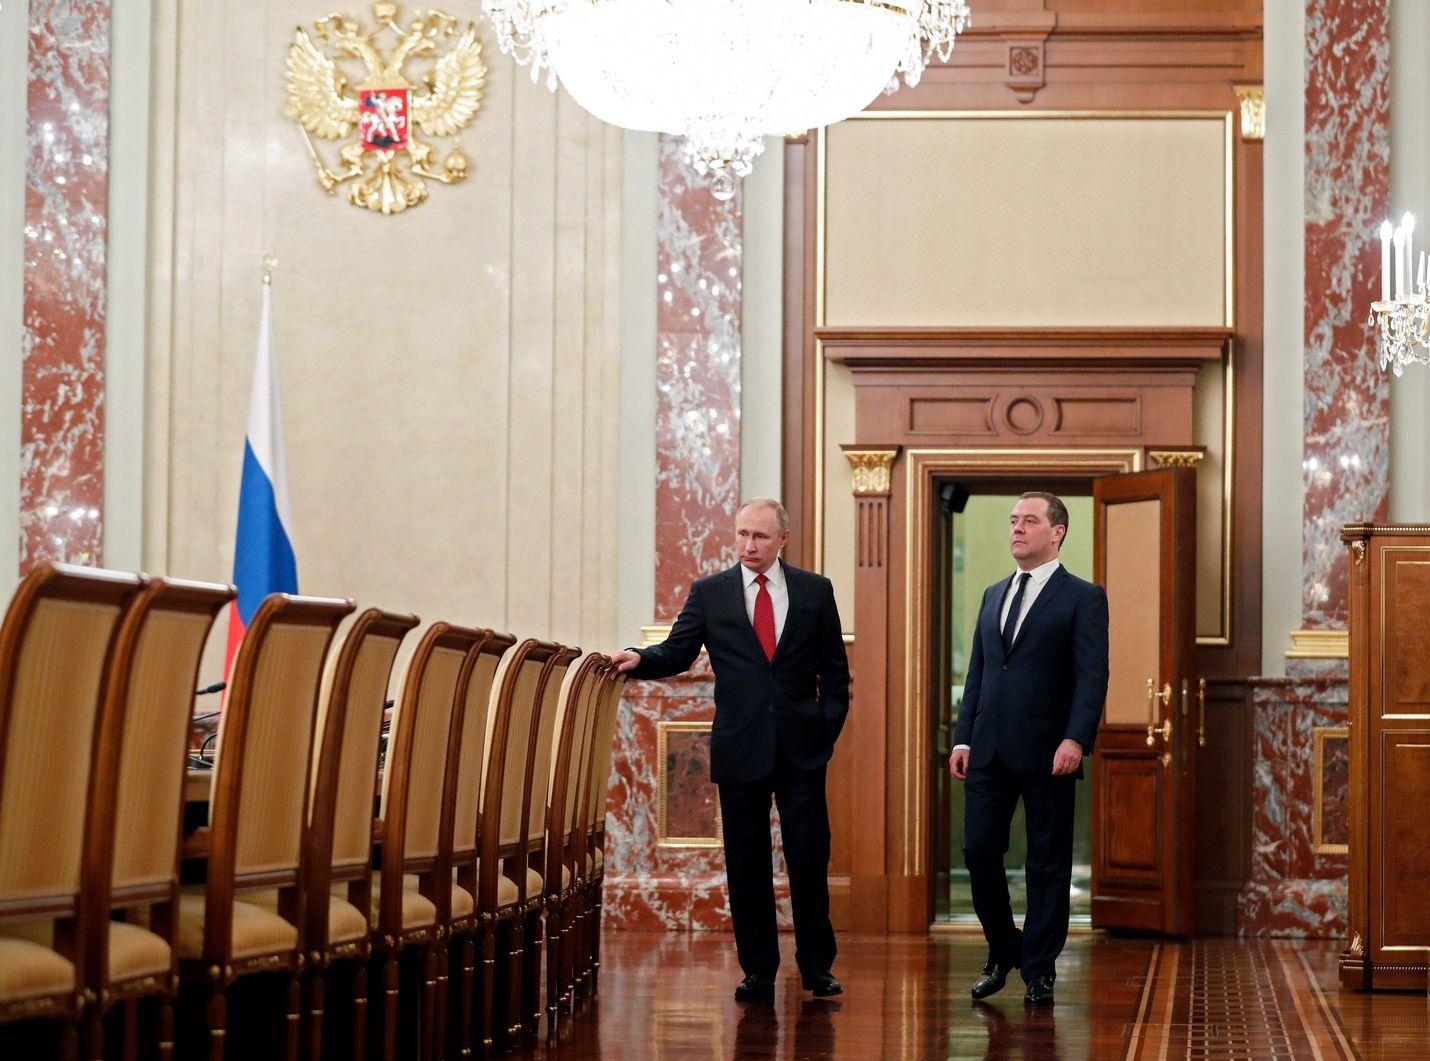 Venäjän johtotandemissa Vladimir Putin on määrännyt tahdin. Presidentti Putin tulossa pääministeri Dmitri Medvedevin kanssa hallituksen kokoukseen keskiviikkona.